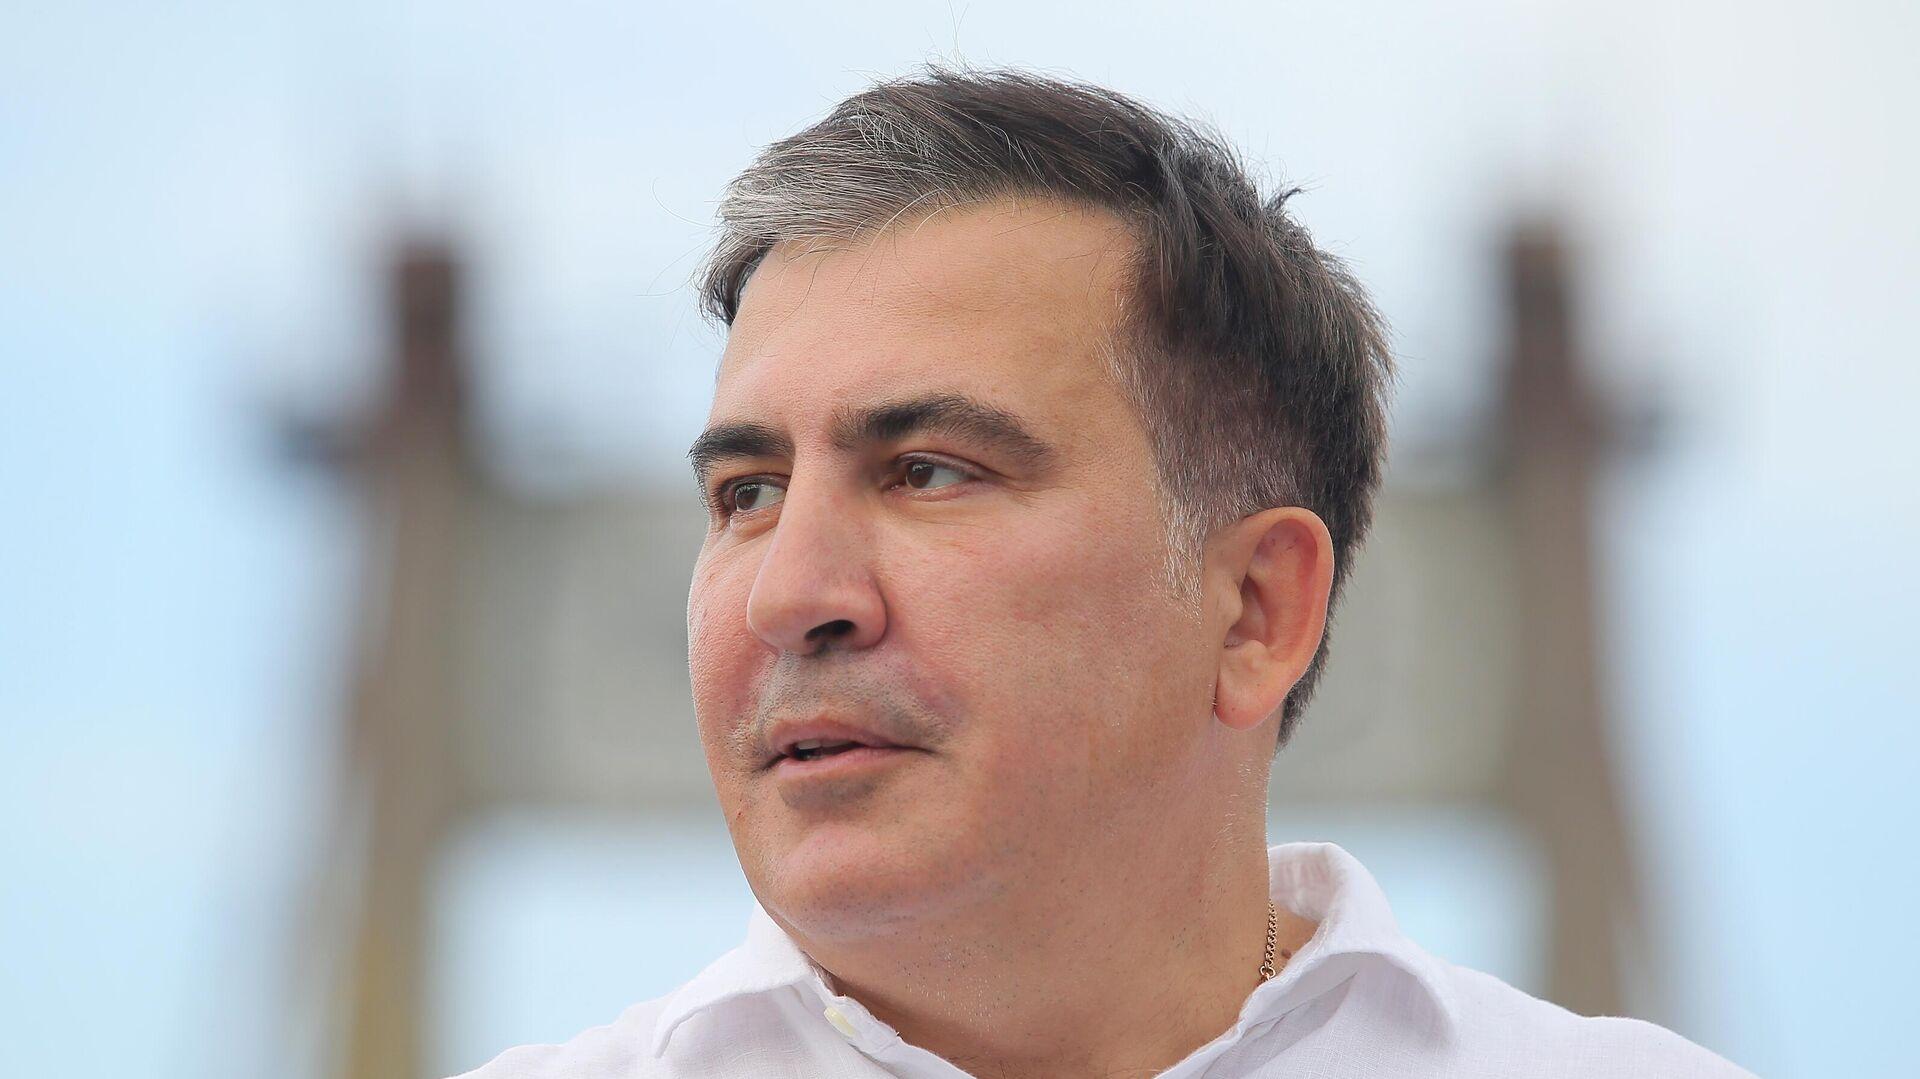 Бывший президент Грузии Михаил Саакашвили  - Sputnik Беларусь, 1920, 02.10.2021